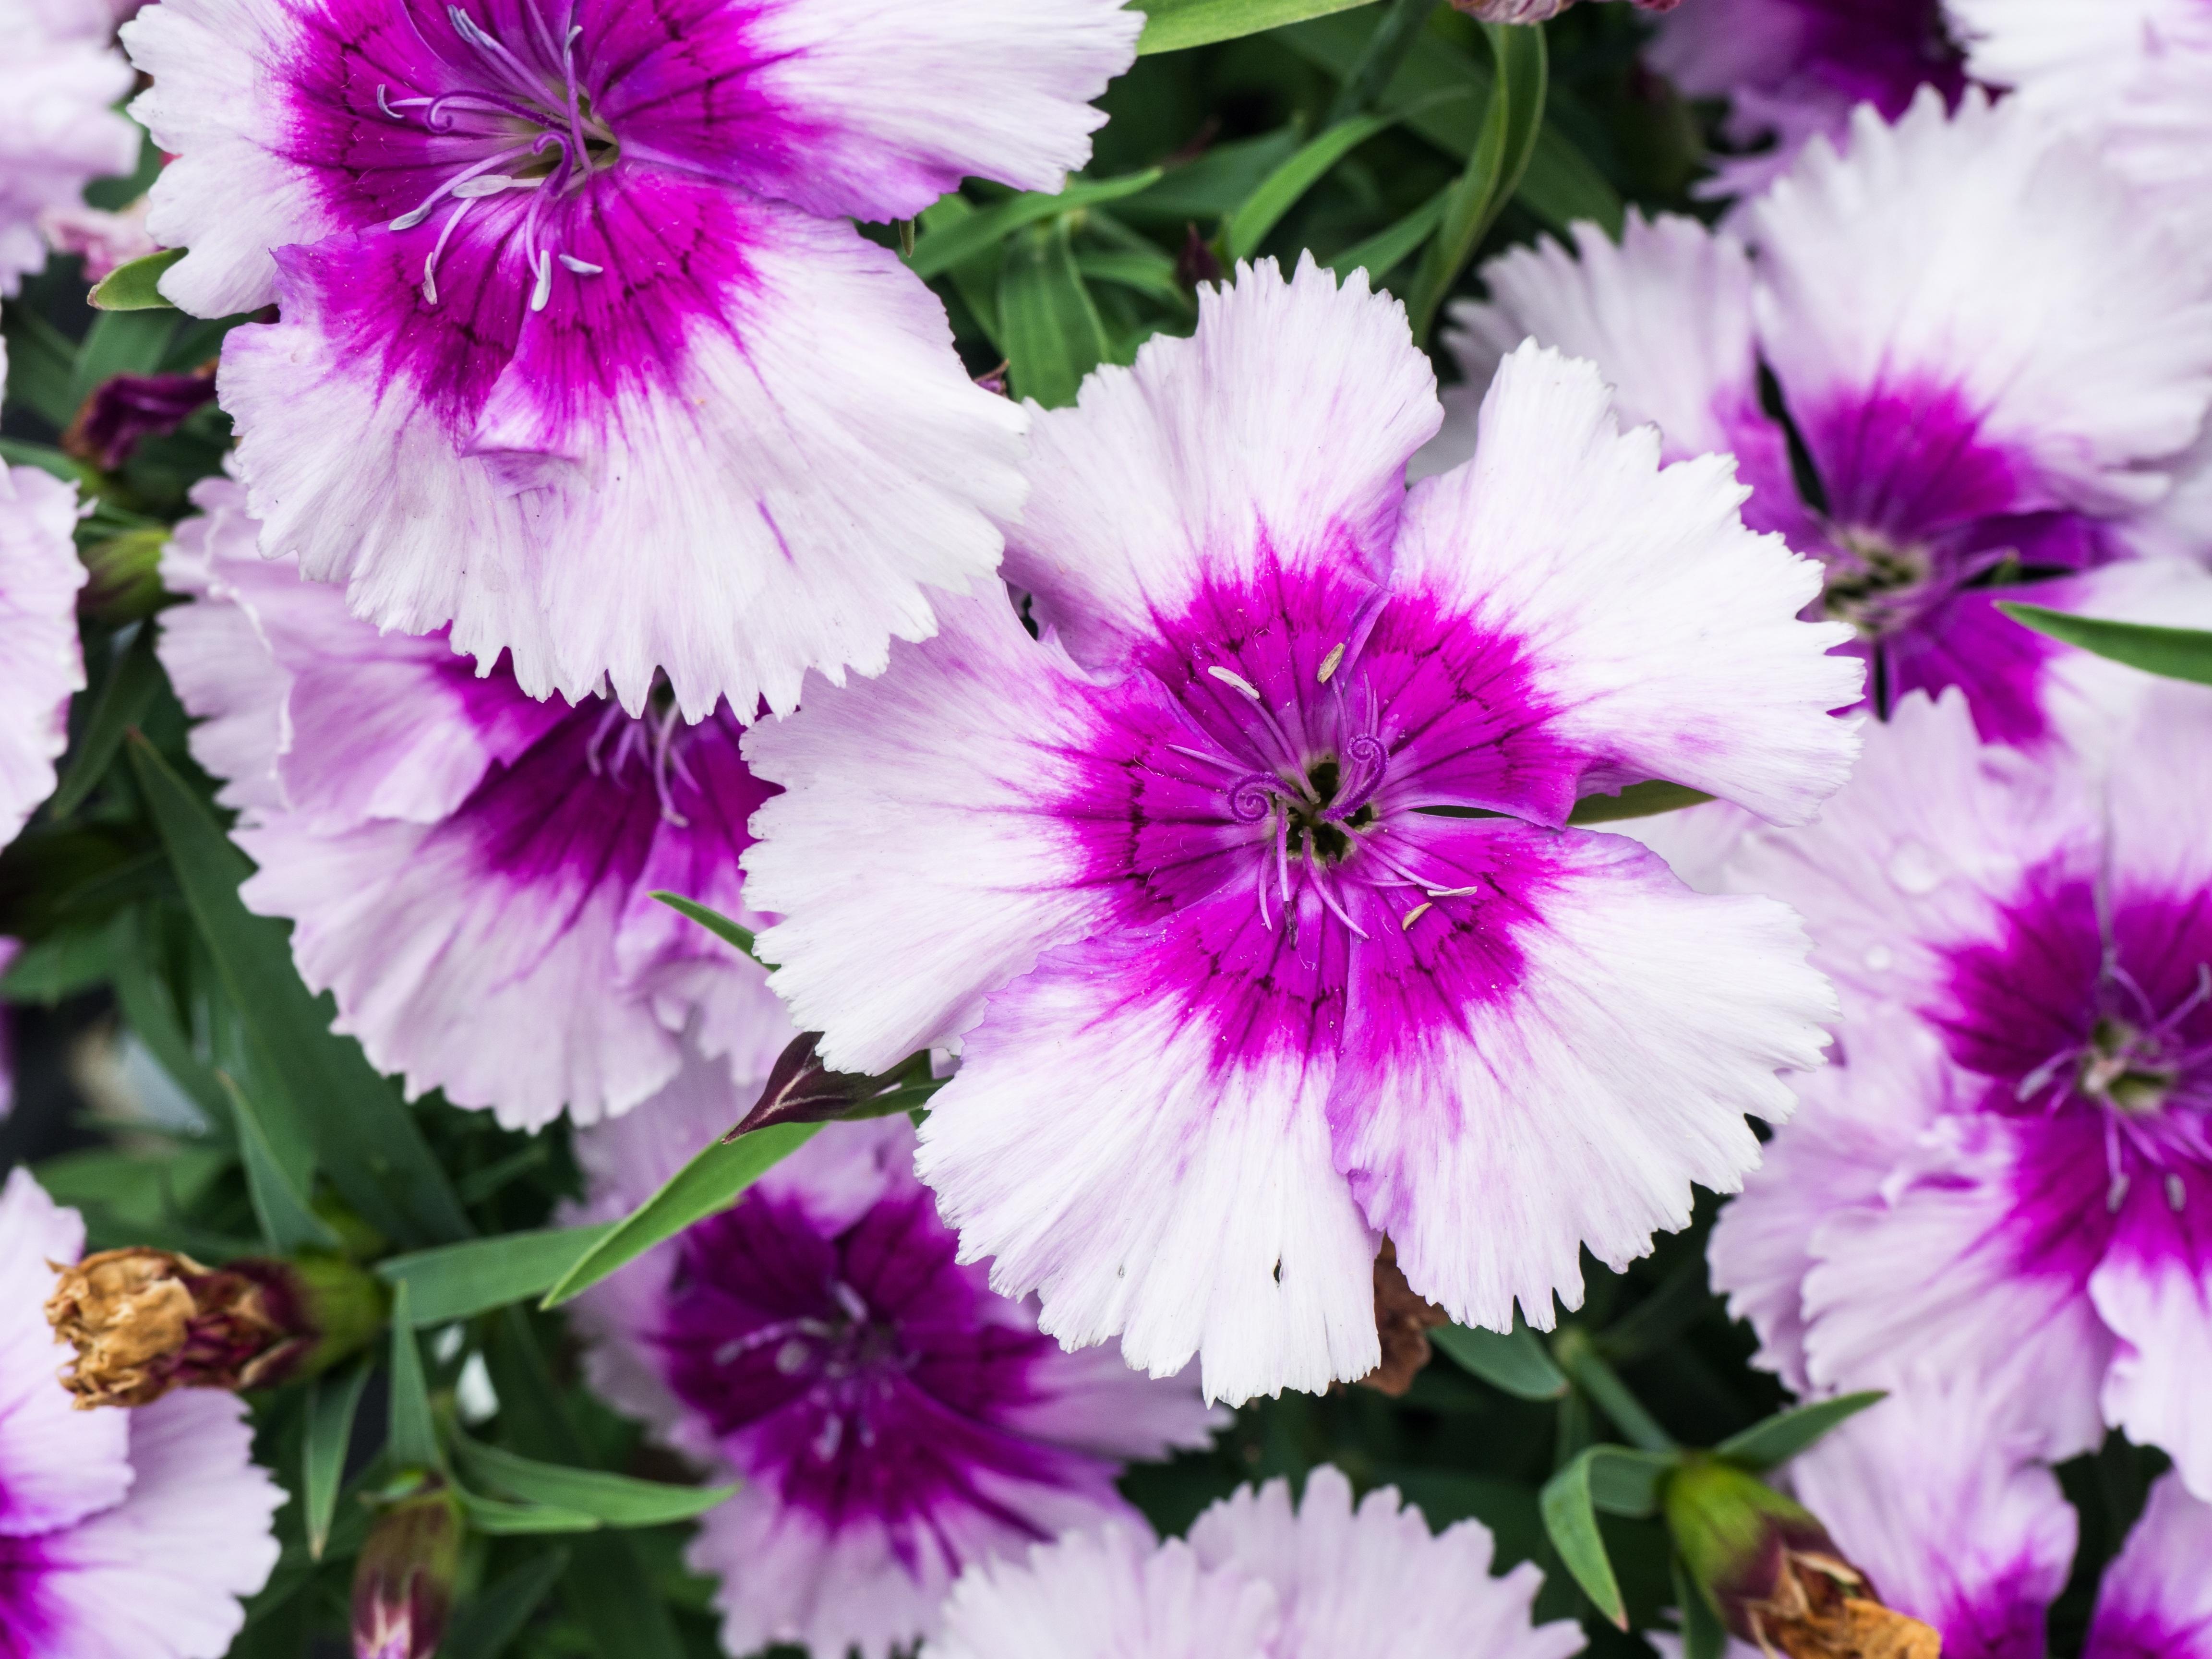 Gambar Alam Menanam Ungu Daun Bunga Taman Flora Bunga Bunga Anyelir Dianthus Tanaman Berbunga Tanaman Tahunan Tanaman Tanah Keluarga Merah Muda 4608x3456 1067936 Galeri Foto Pxhere